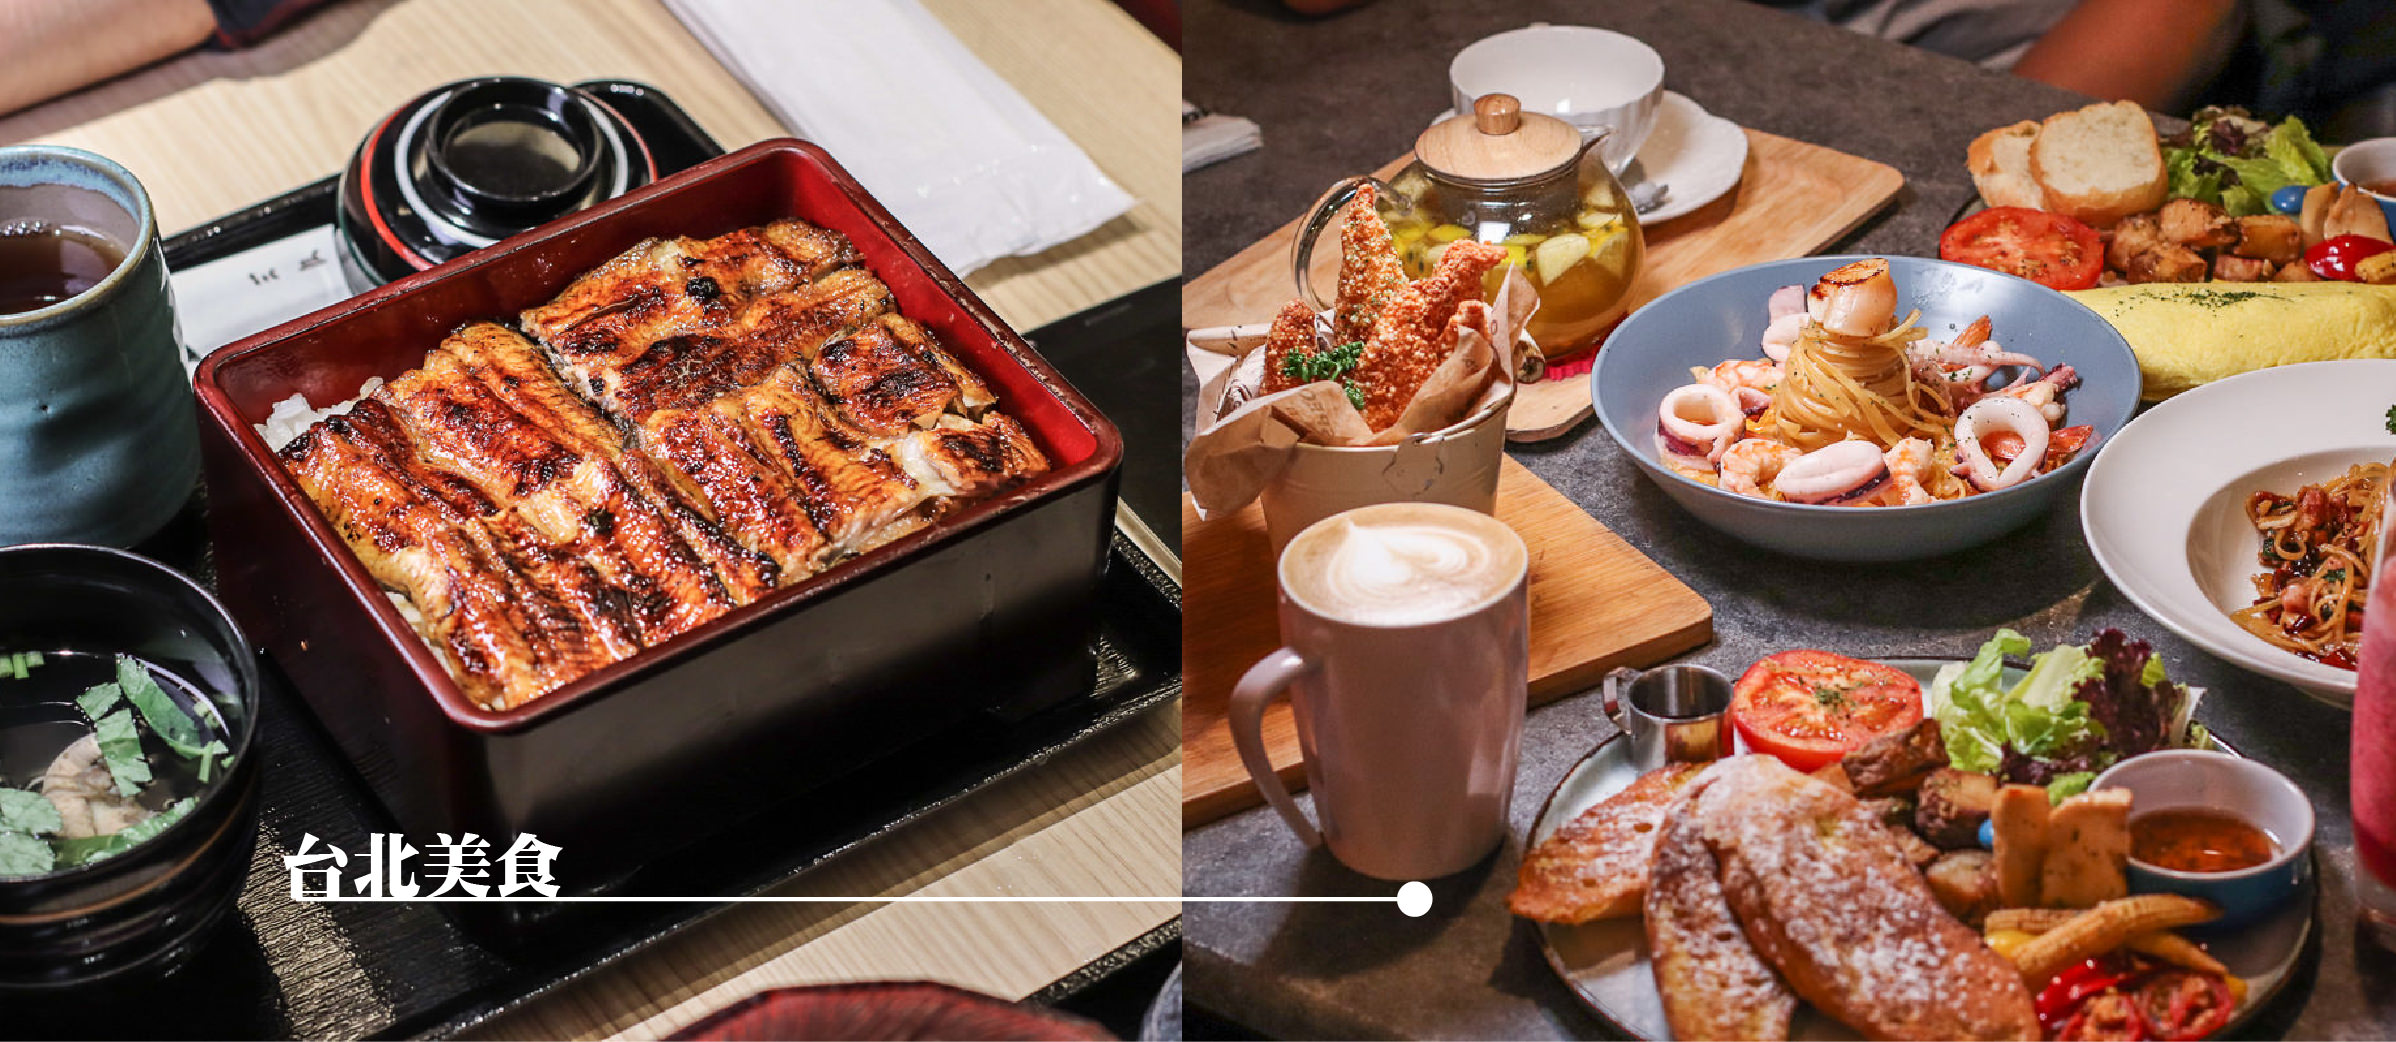 台北各式美食